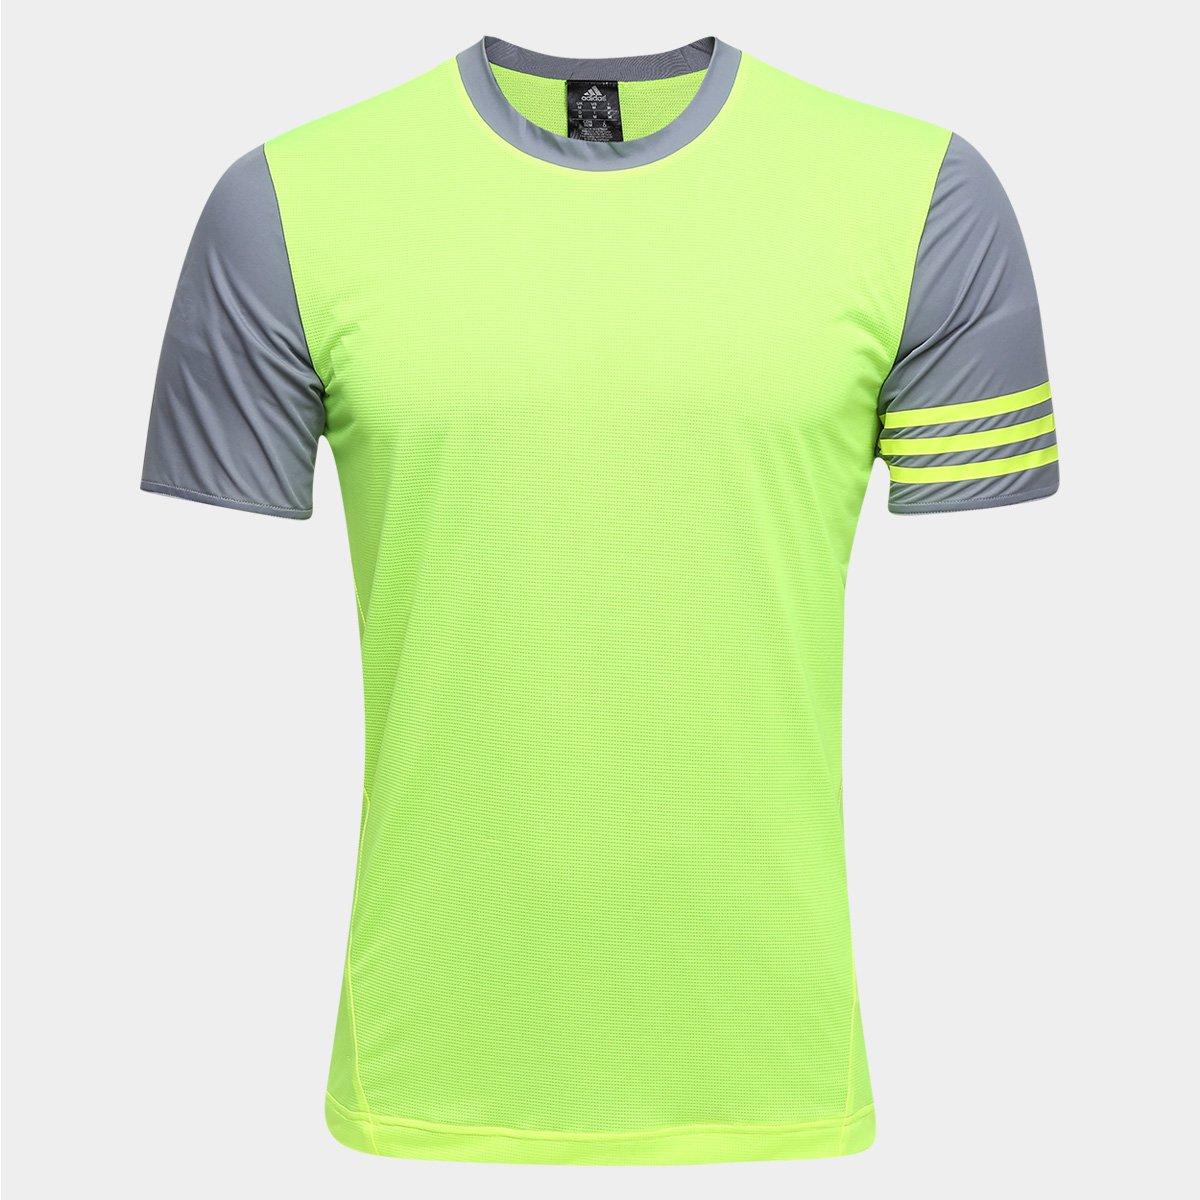 Camisa Adidas UFB Reversível Masculina - Compre Agora  892bb4a7a7142